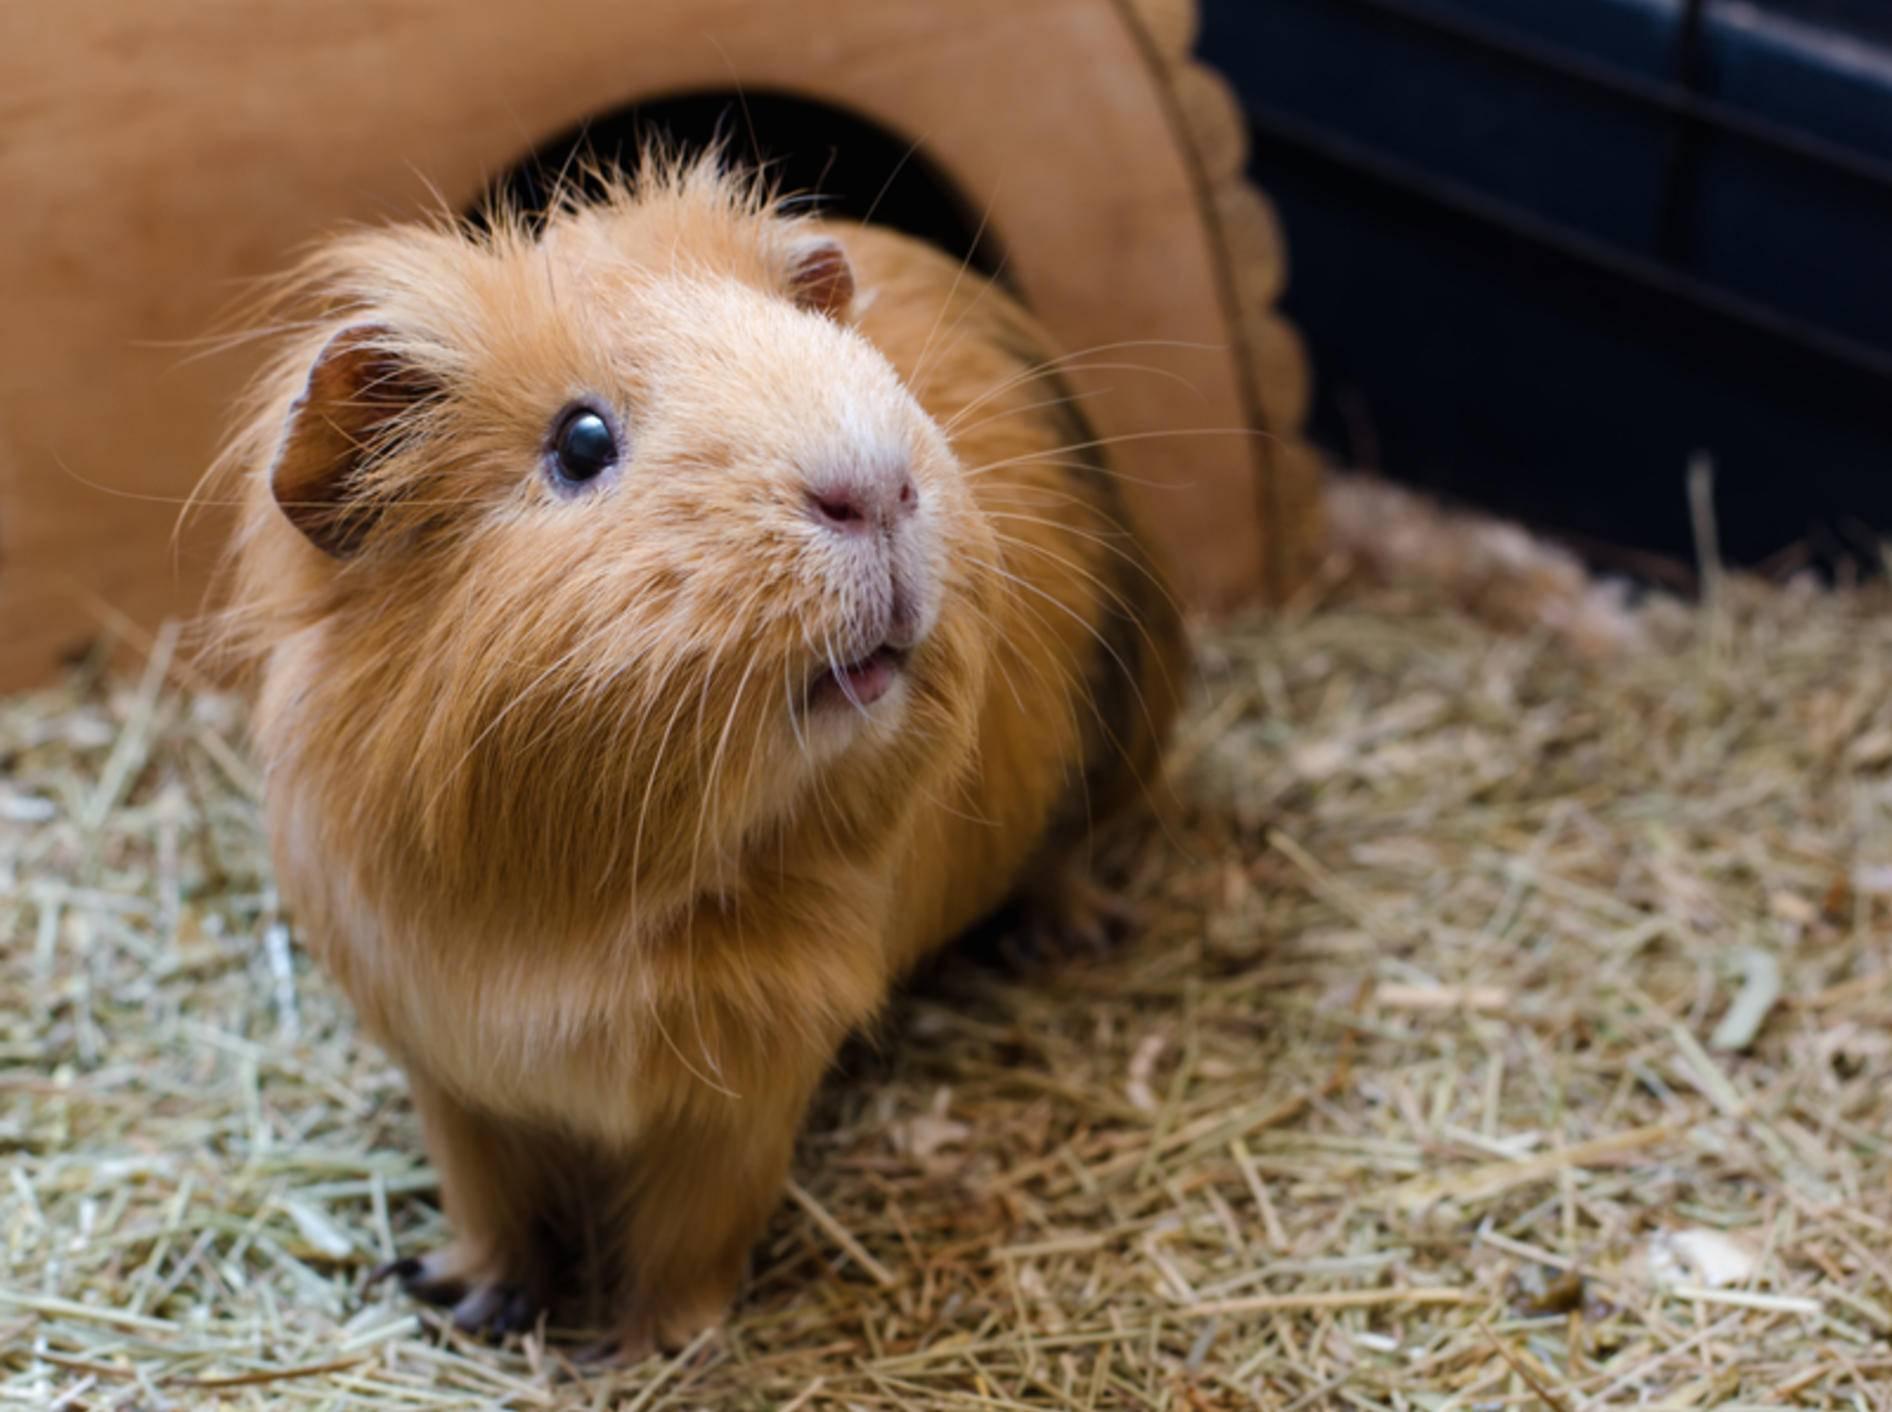 Dieses Meerschweinchen wirkt neugierig, munter und aufmerksam – ein rundum gesundes Verhalten – Shutterstock / Dev_Maryna